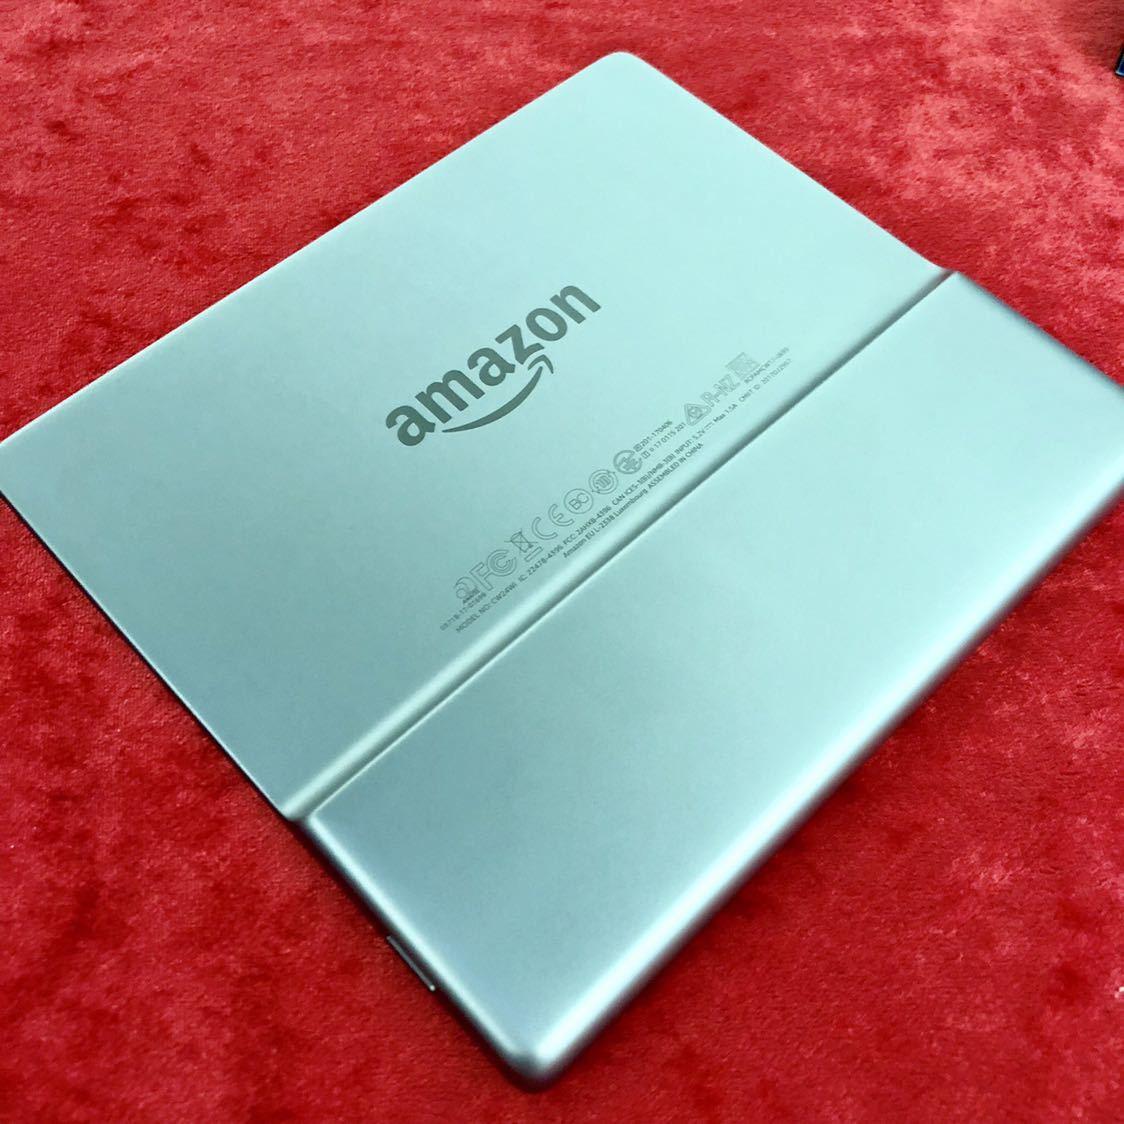 ★新品同様★Kindle Oasis 32GB WiFi(広告なし)防水機能搭載 電子書籍_画像3